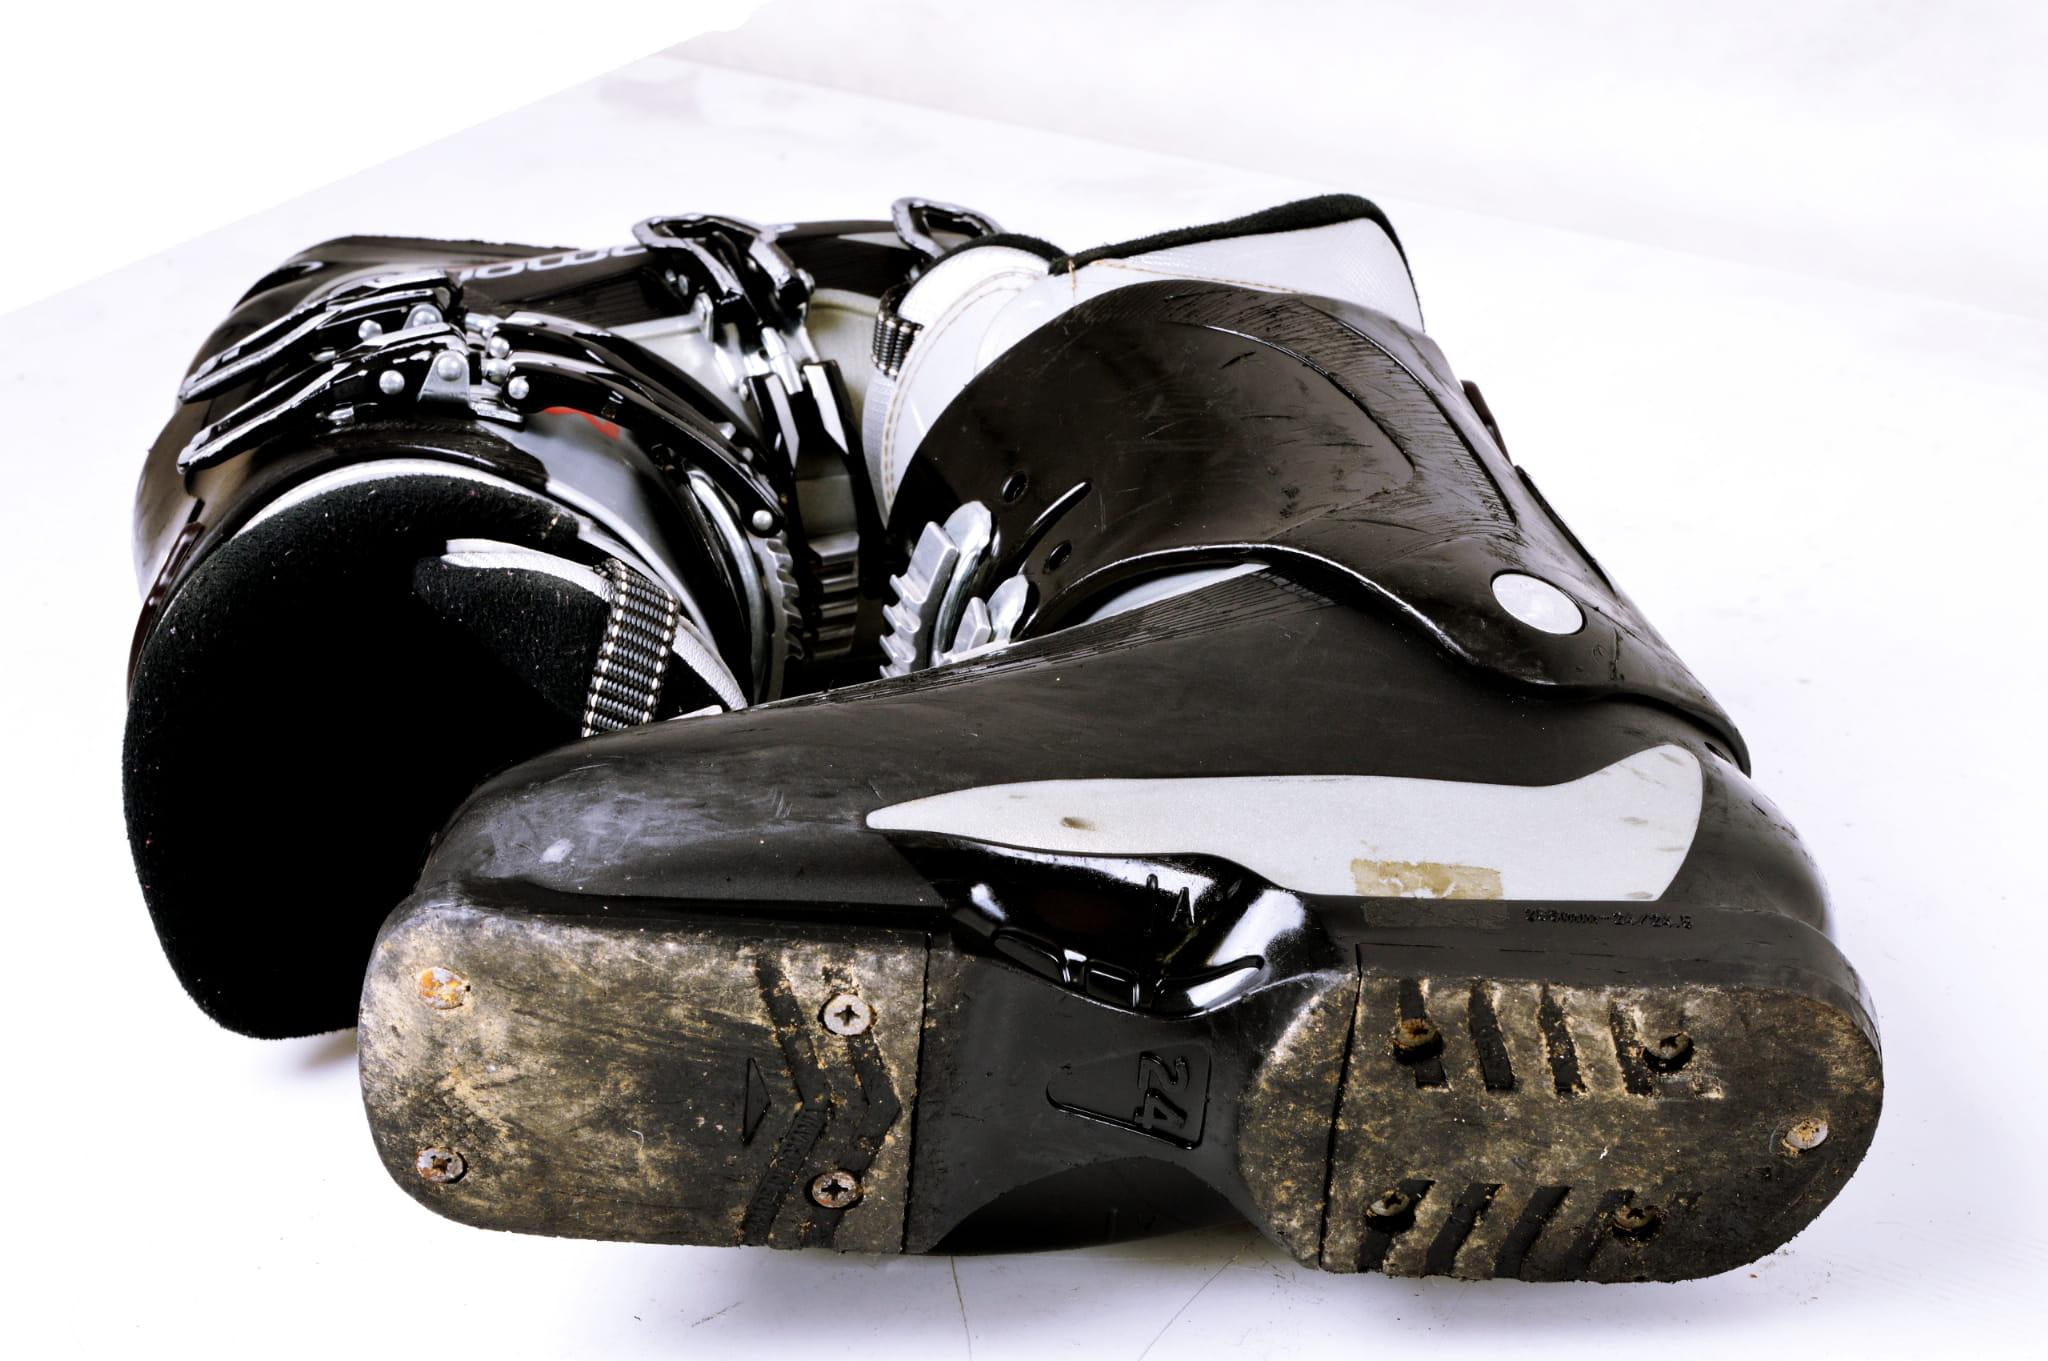 Buty narciarskie SALOMON MISSION 500 r.22,5 (35,5) z18